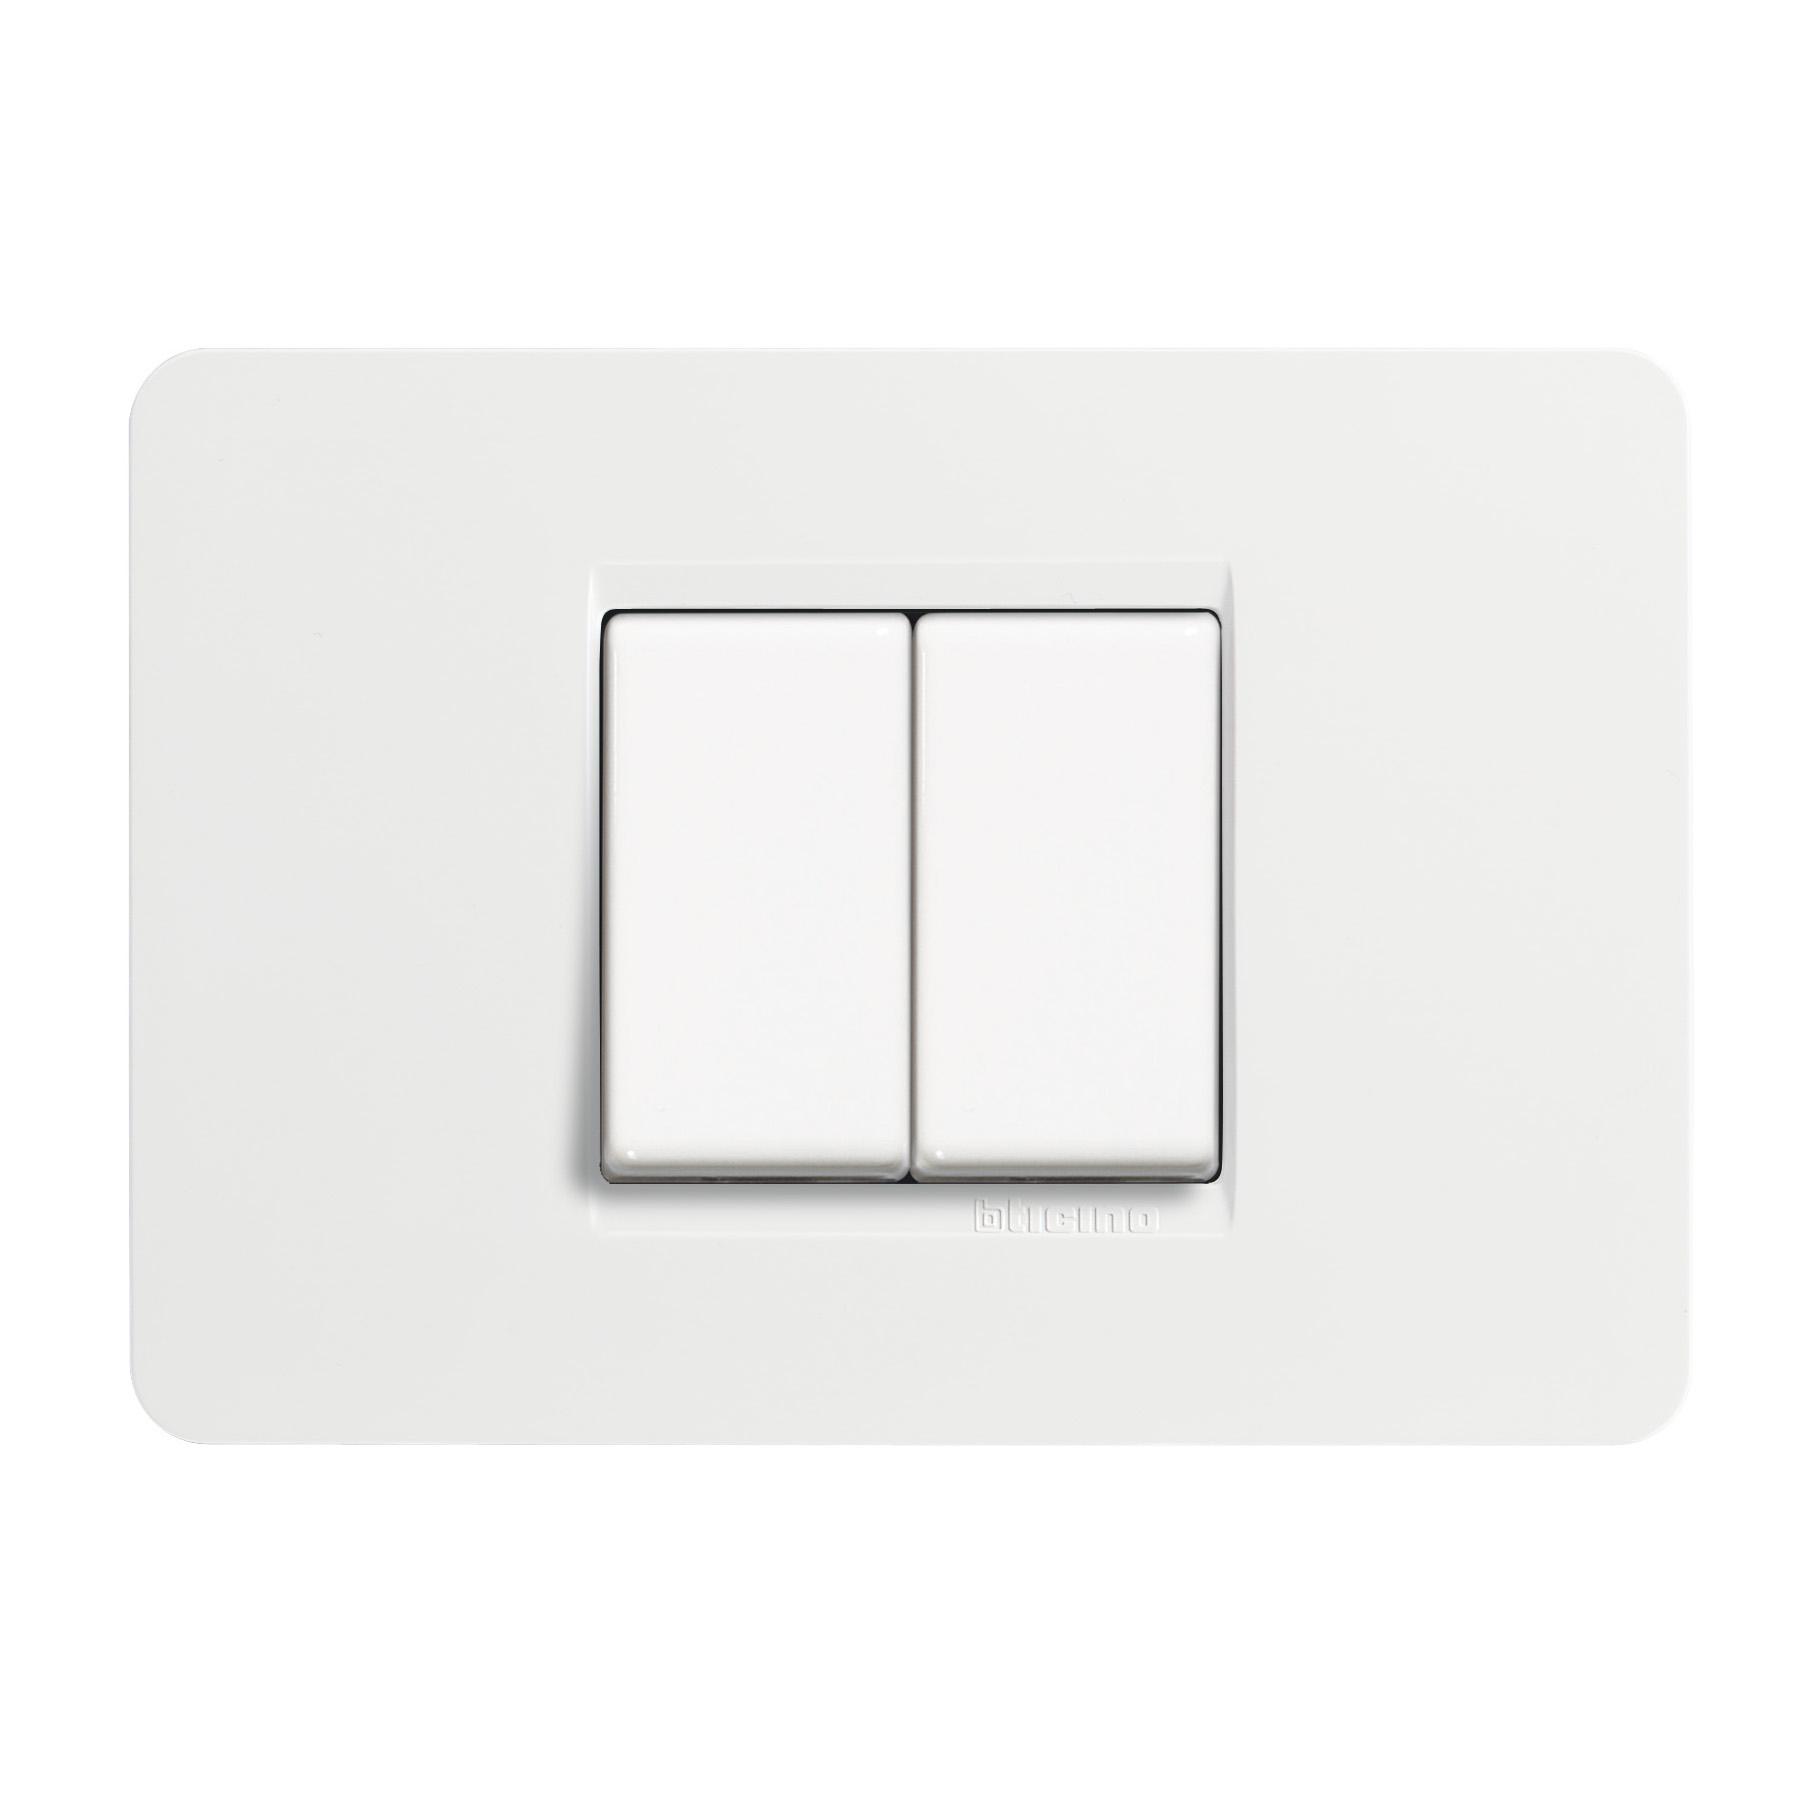 Placca-2-moduli-BTicino-PLACCA-MATIX-2M-CENTRATI-BIANCO-bianco-32842740